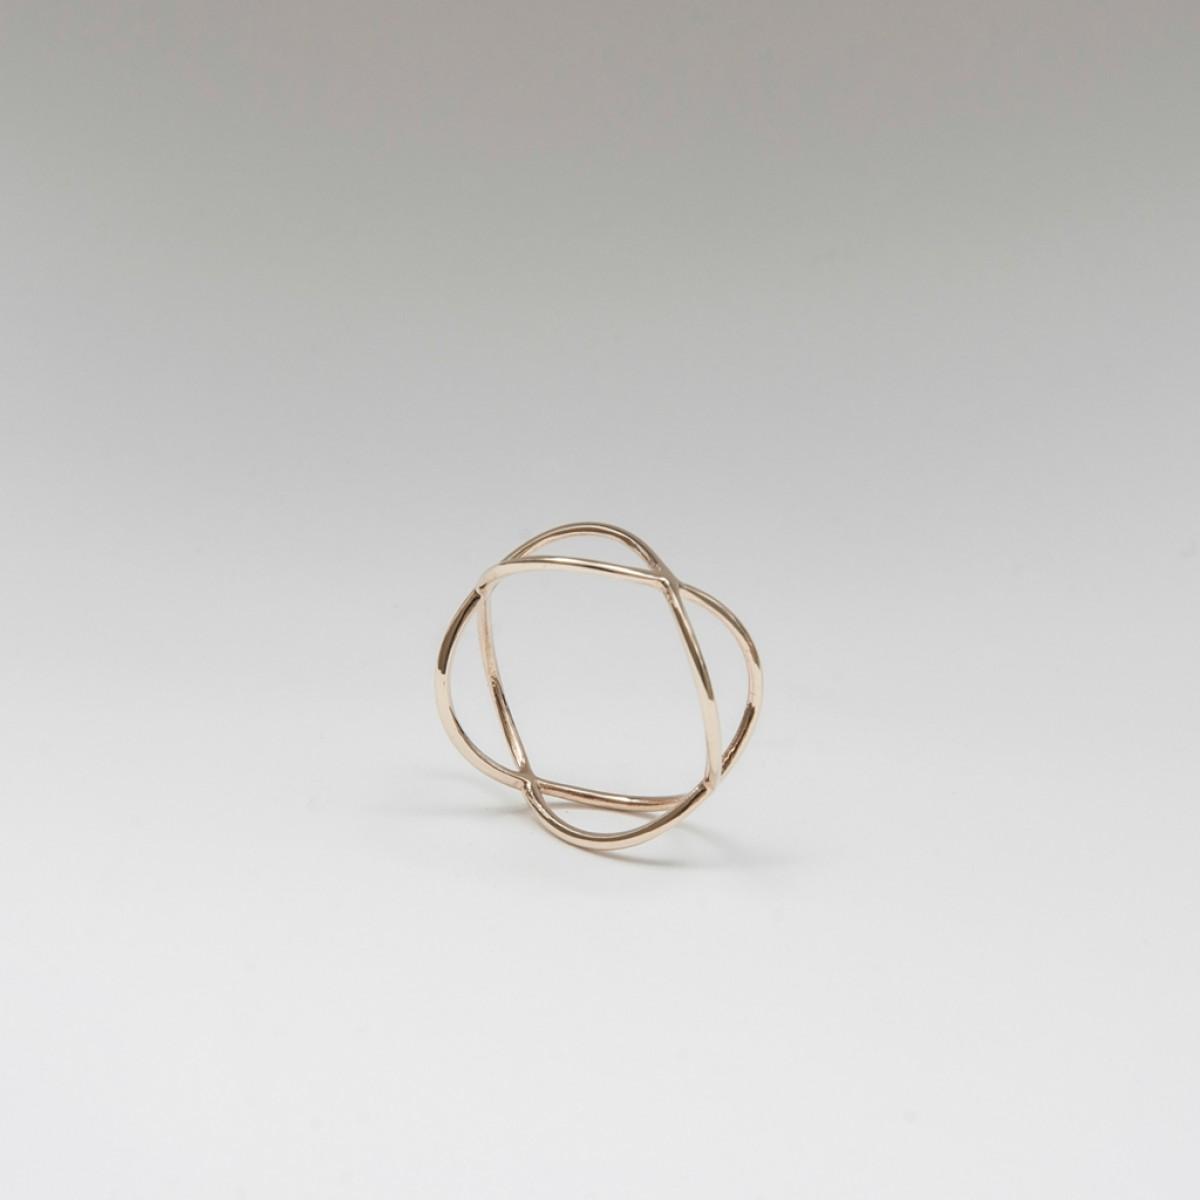 Jonathan Radetz Jewellery, Ring TIMESTWO, Gold 375